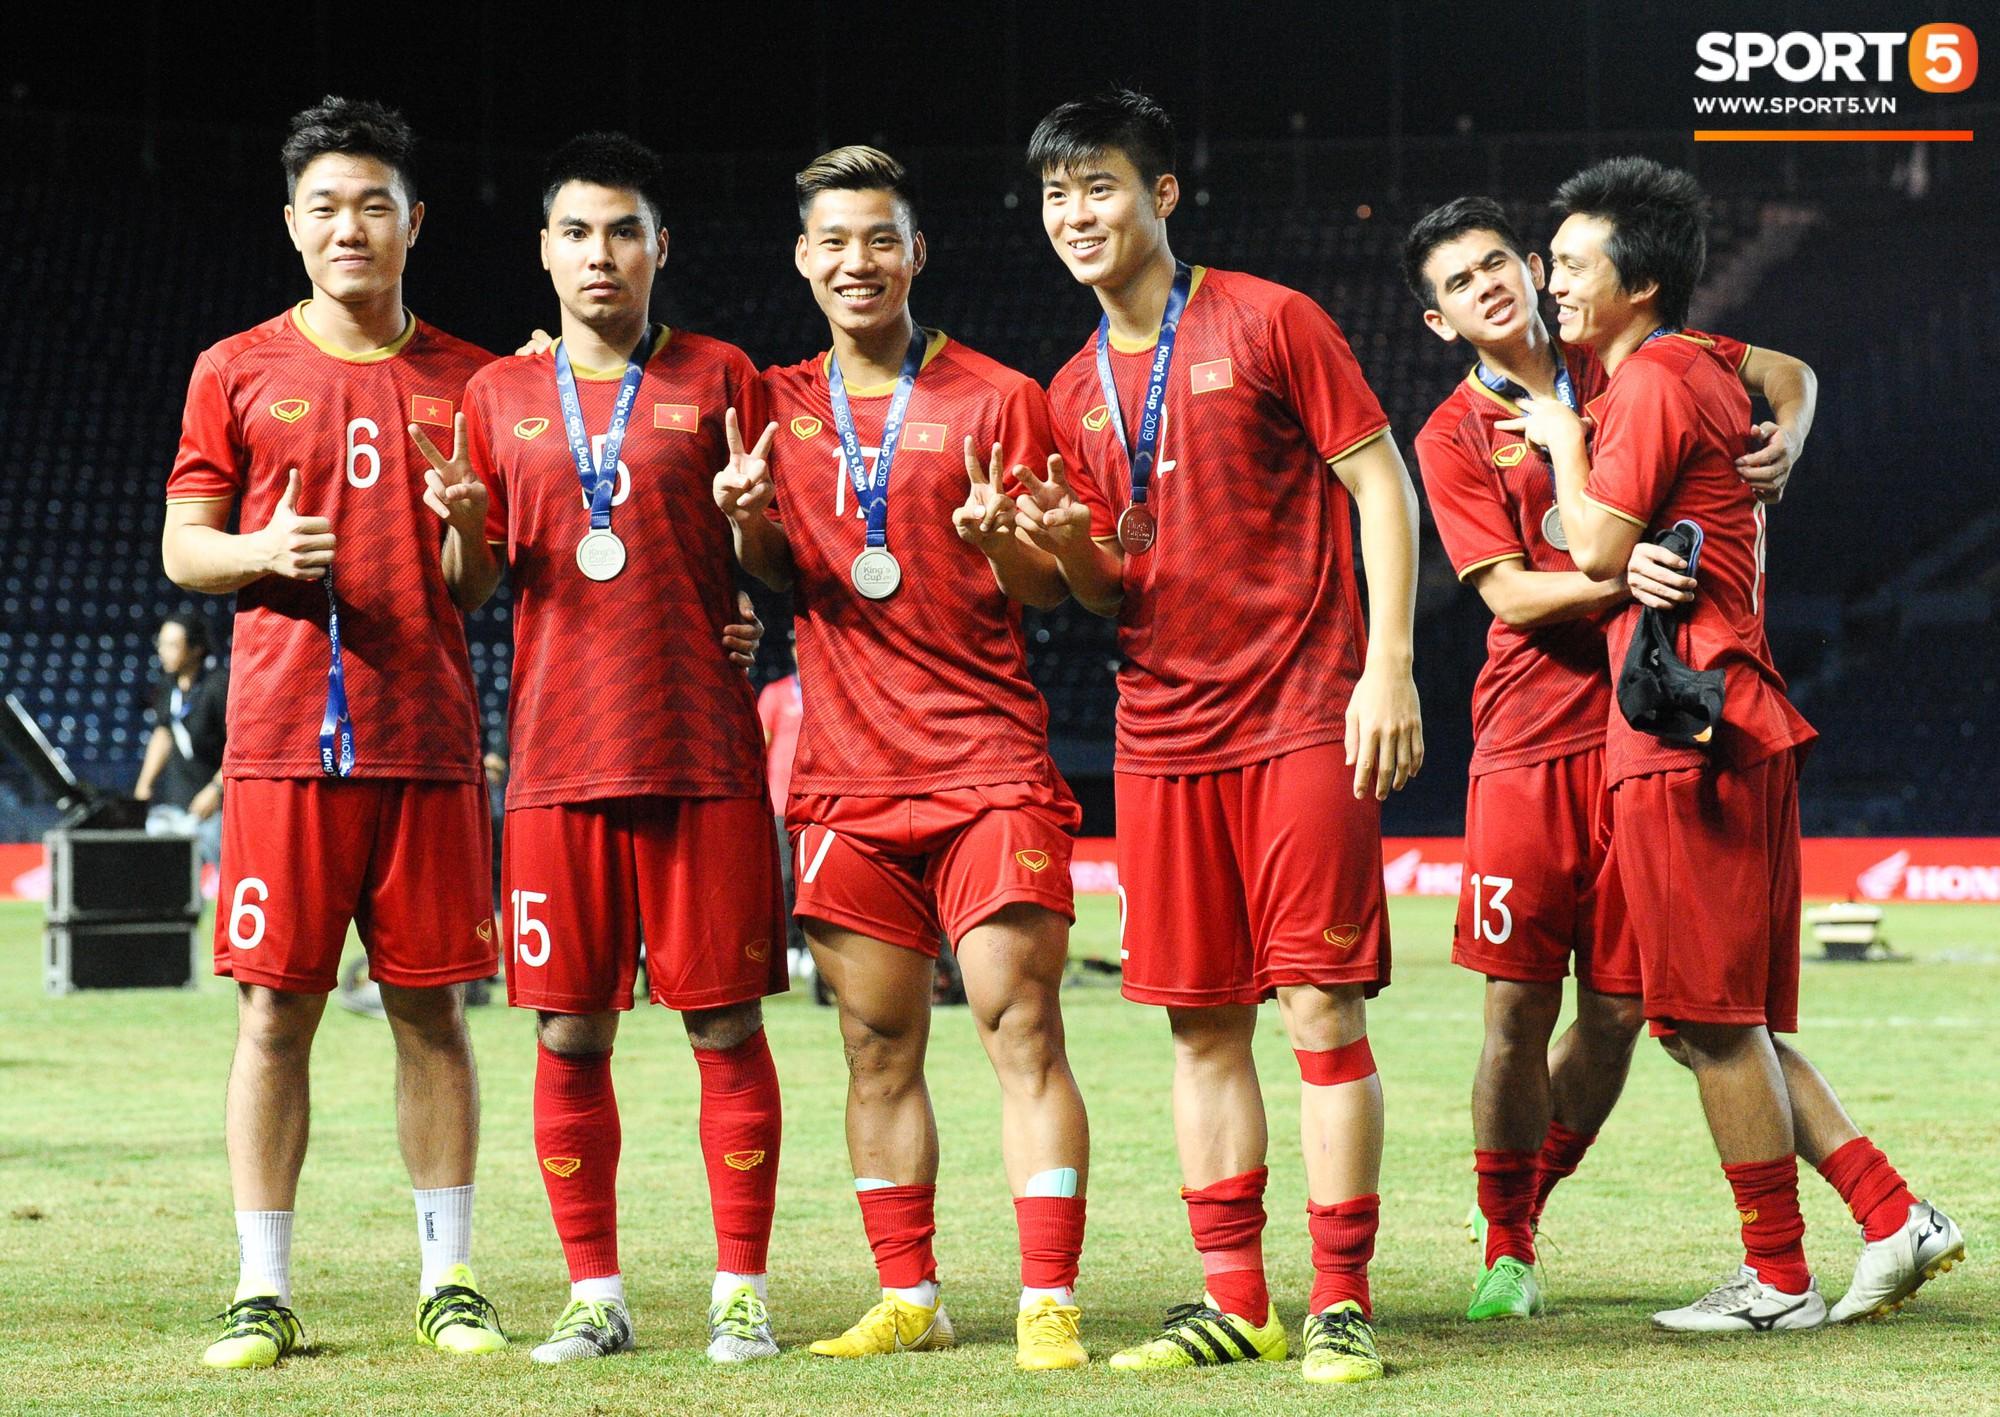 Góc làm gì cho đỡ buồn: Xuân Trường, Văn Thanh cắn huy chương, Tiến Dũng liếc team vô địch bằng ánh mắt hài hước - Ảnh 9.